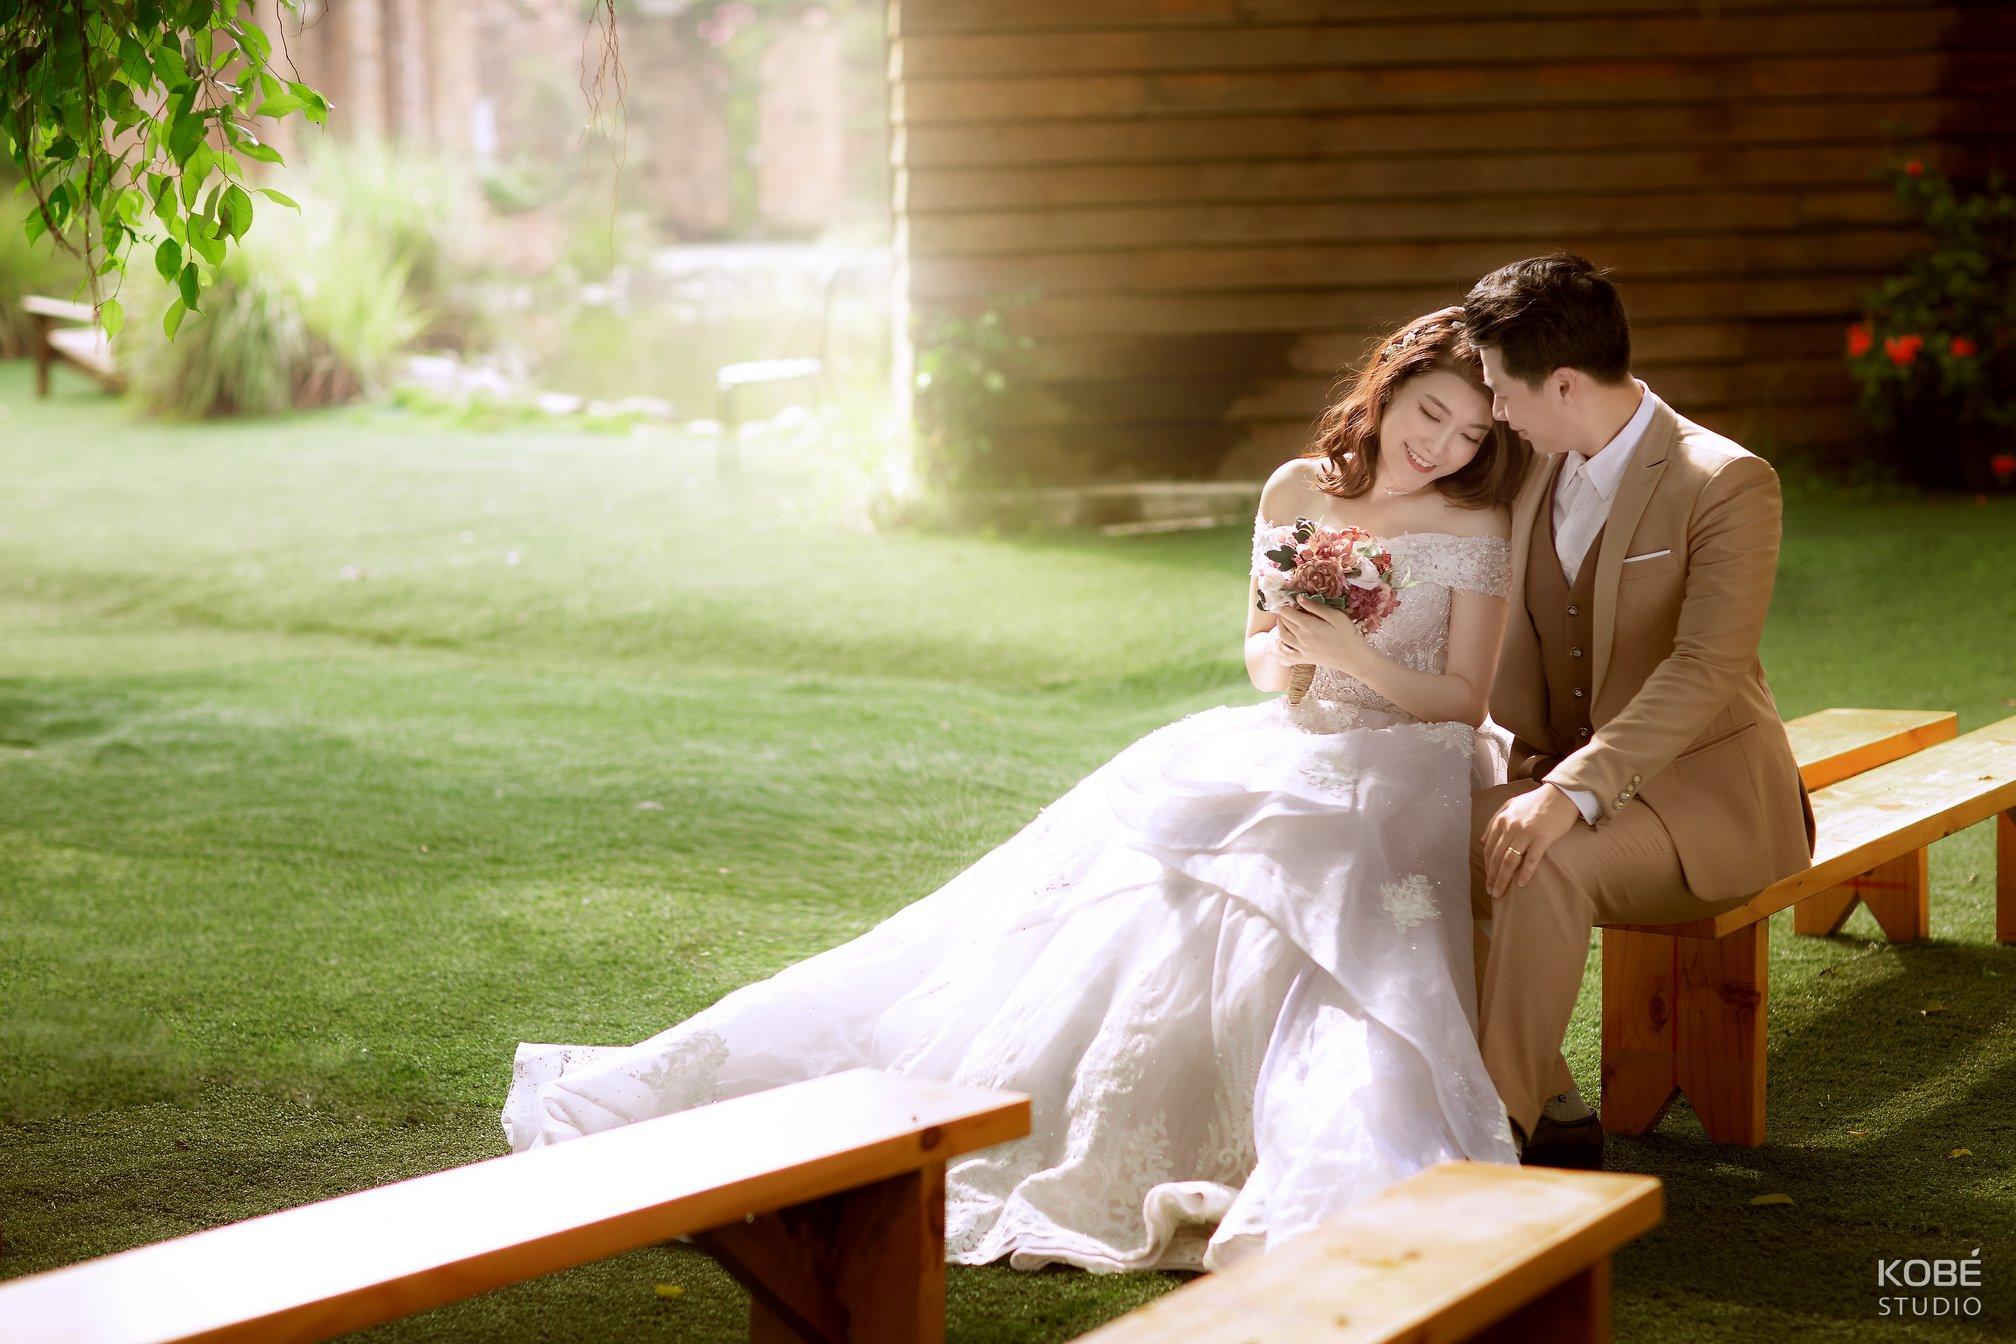 Xếp hạng 10 studio chụp ảnh cưới đẹp nhất Thành phố Hồ Chí Minh - KOBE Studio